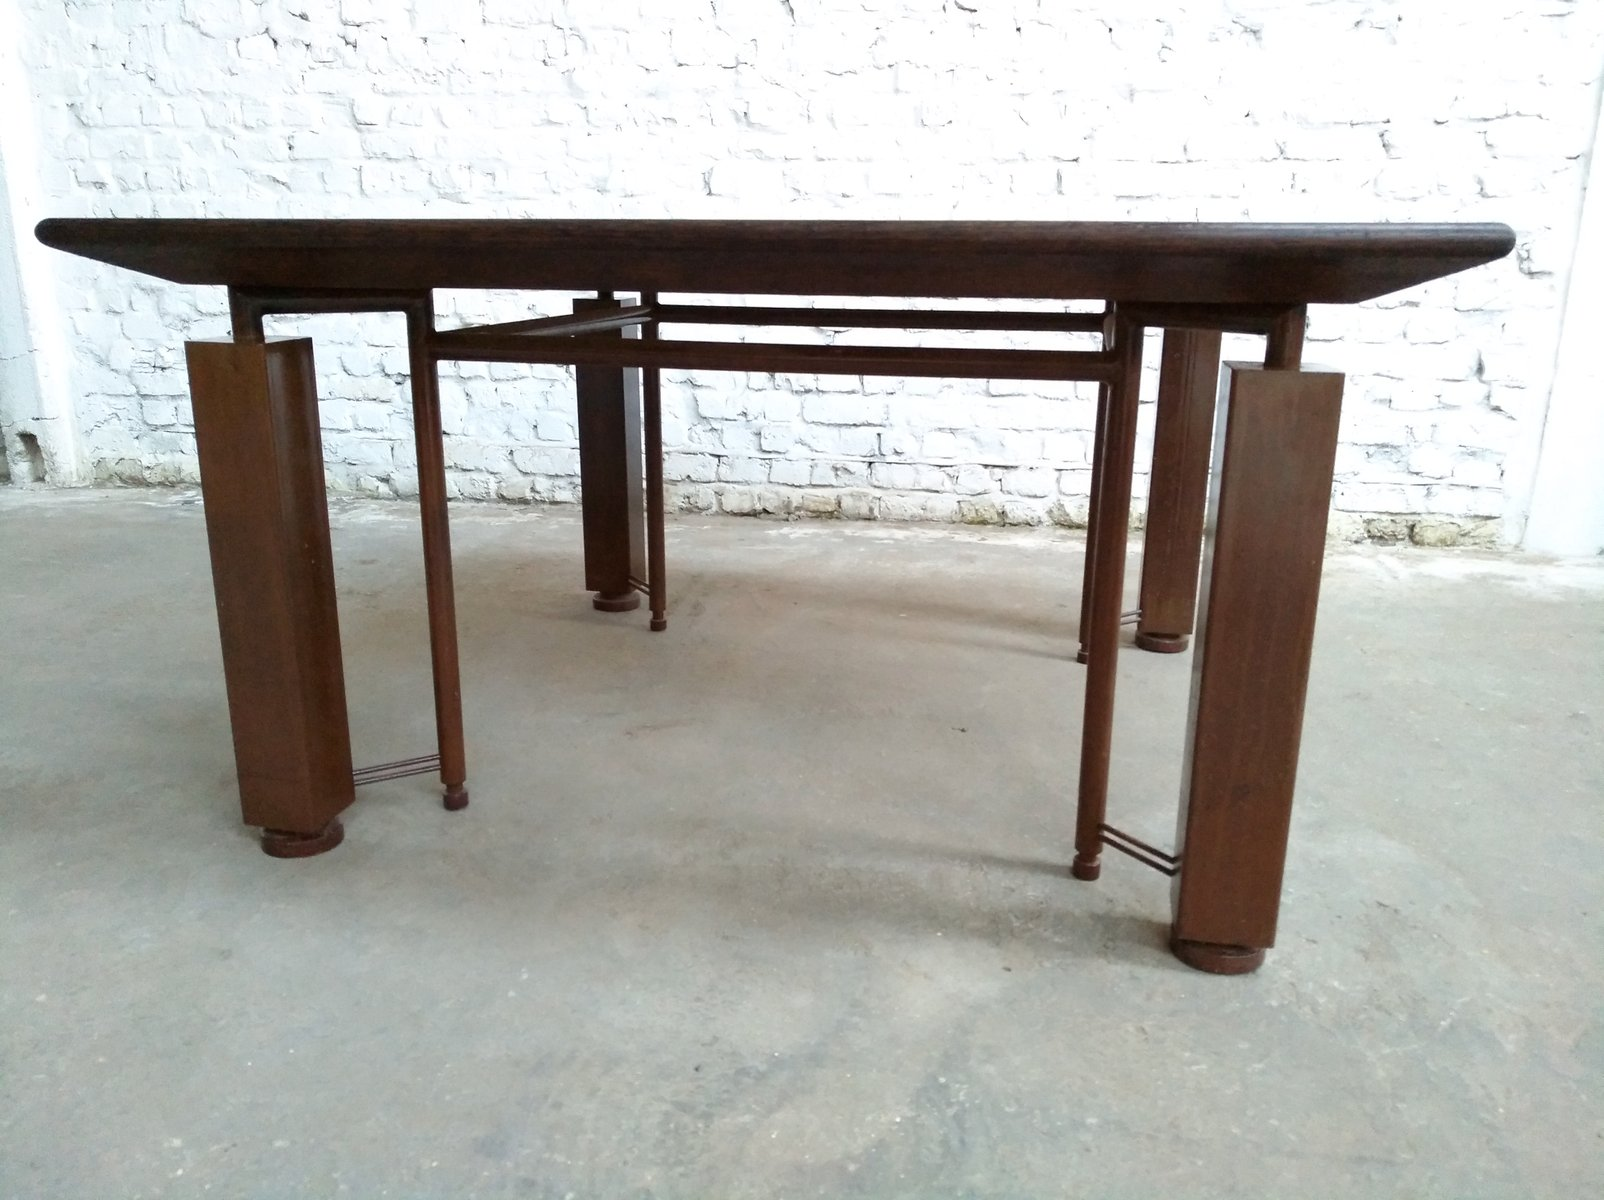 Vintage Industrial Postmodern Wenge and Rusted Steel Table